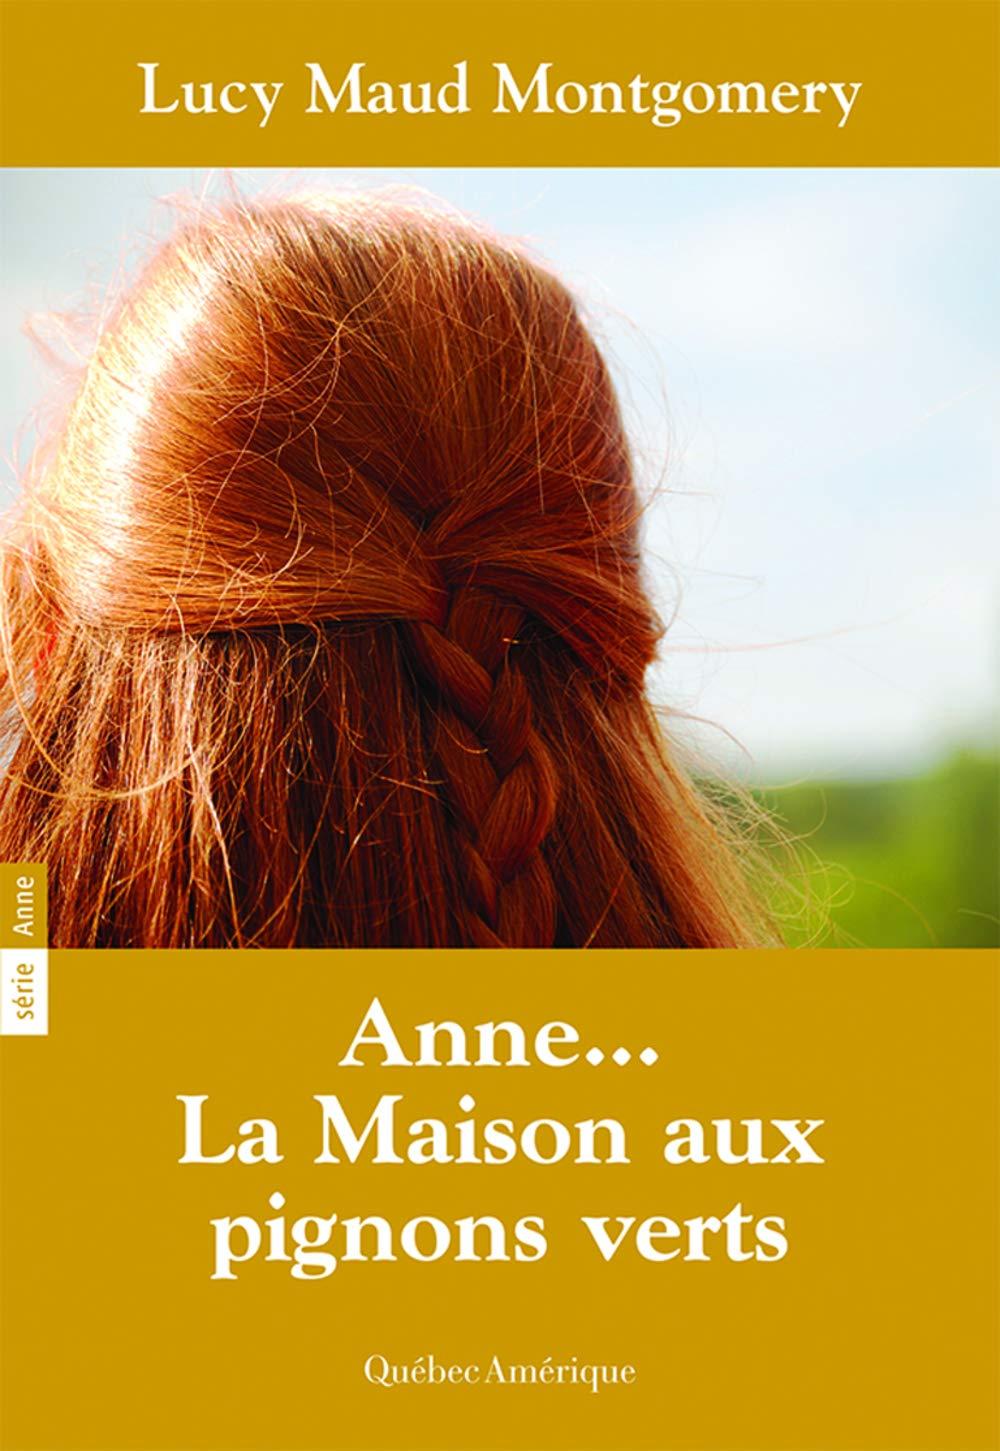 """Résultat de recherche d'images pour """"anne.. la maison aux pignons verts roman"""""""